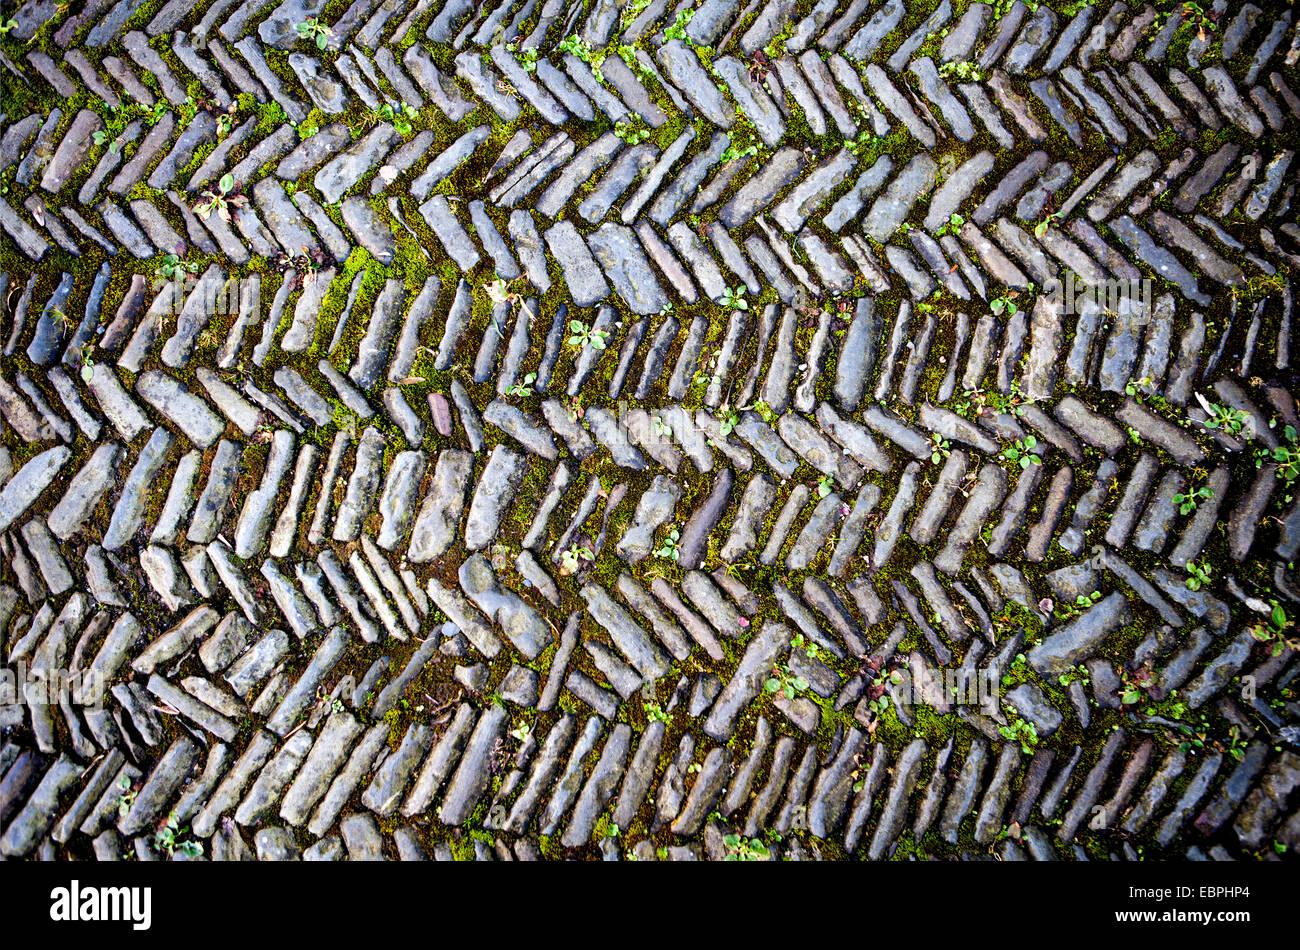 Alte Straße, Bürgersteig mit Fischgrätenmuster, Alter Weg, Pflasterung Im Fischgrätmuster, Deutschland, Europa, Stockfoto